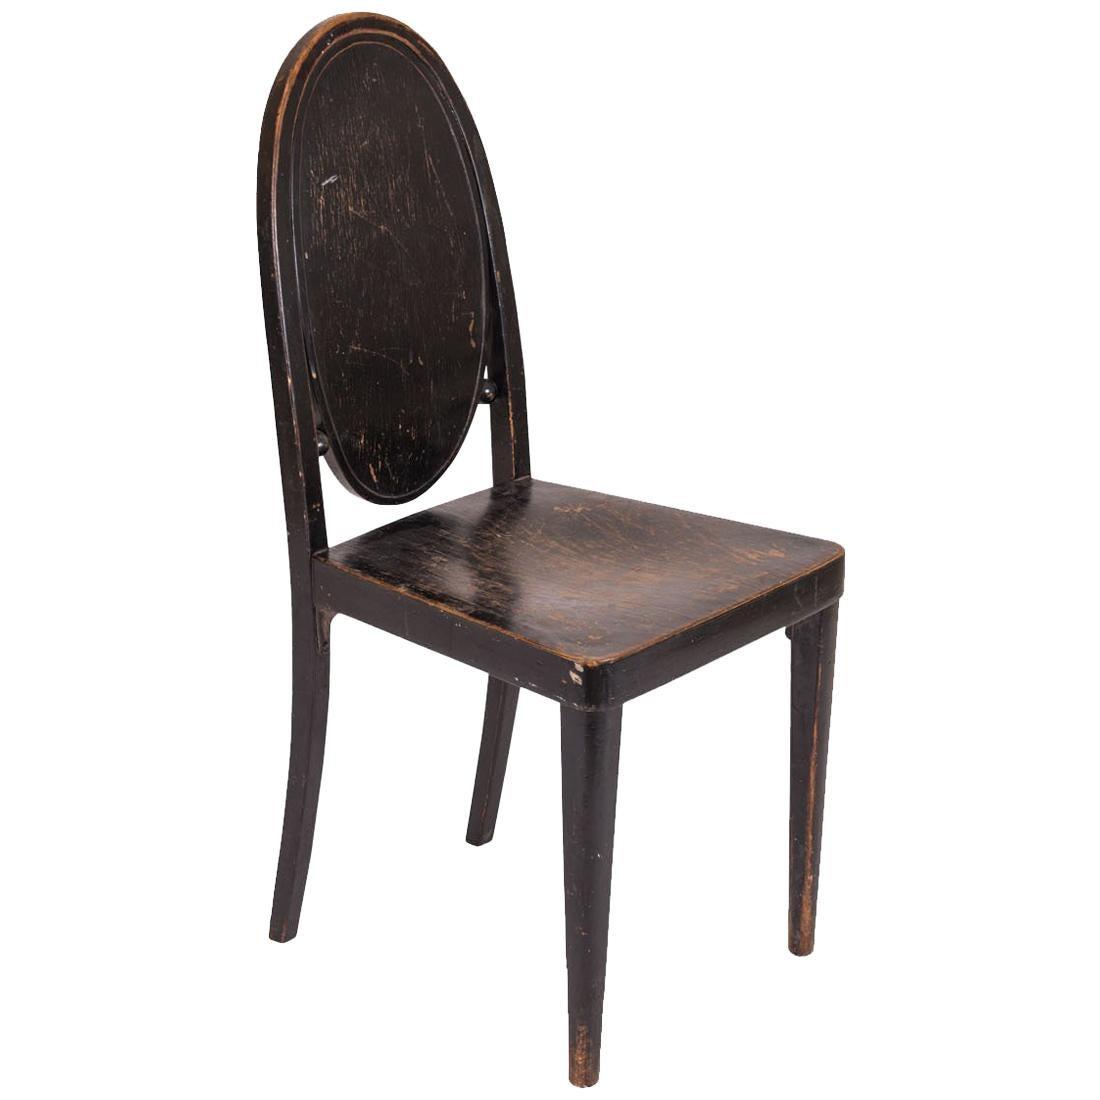 Original Otto Prutscheru0026Gebrueder Thonet Vienna Jugendstil Chair 20th  Century For Sale